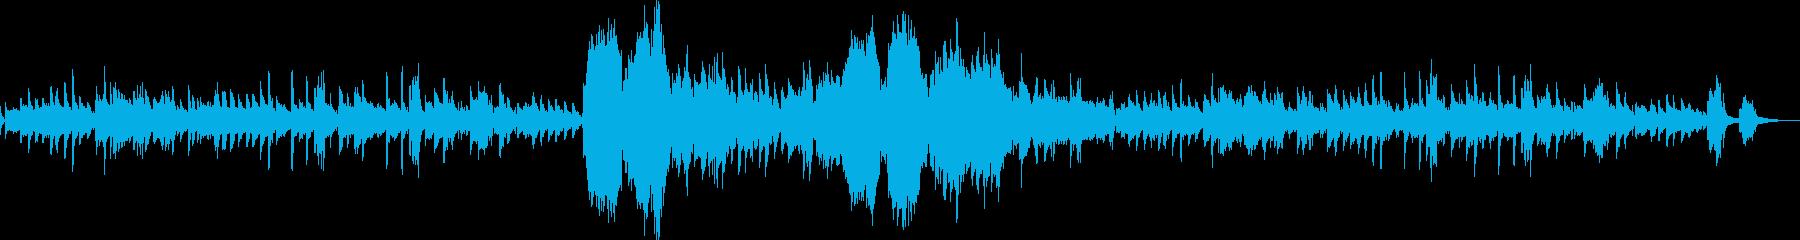 ショパン ノクターン Op15-No1の再生済みの波形